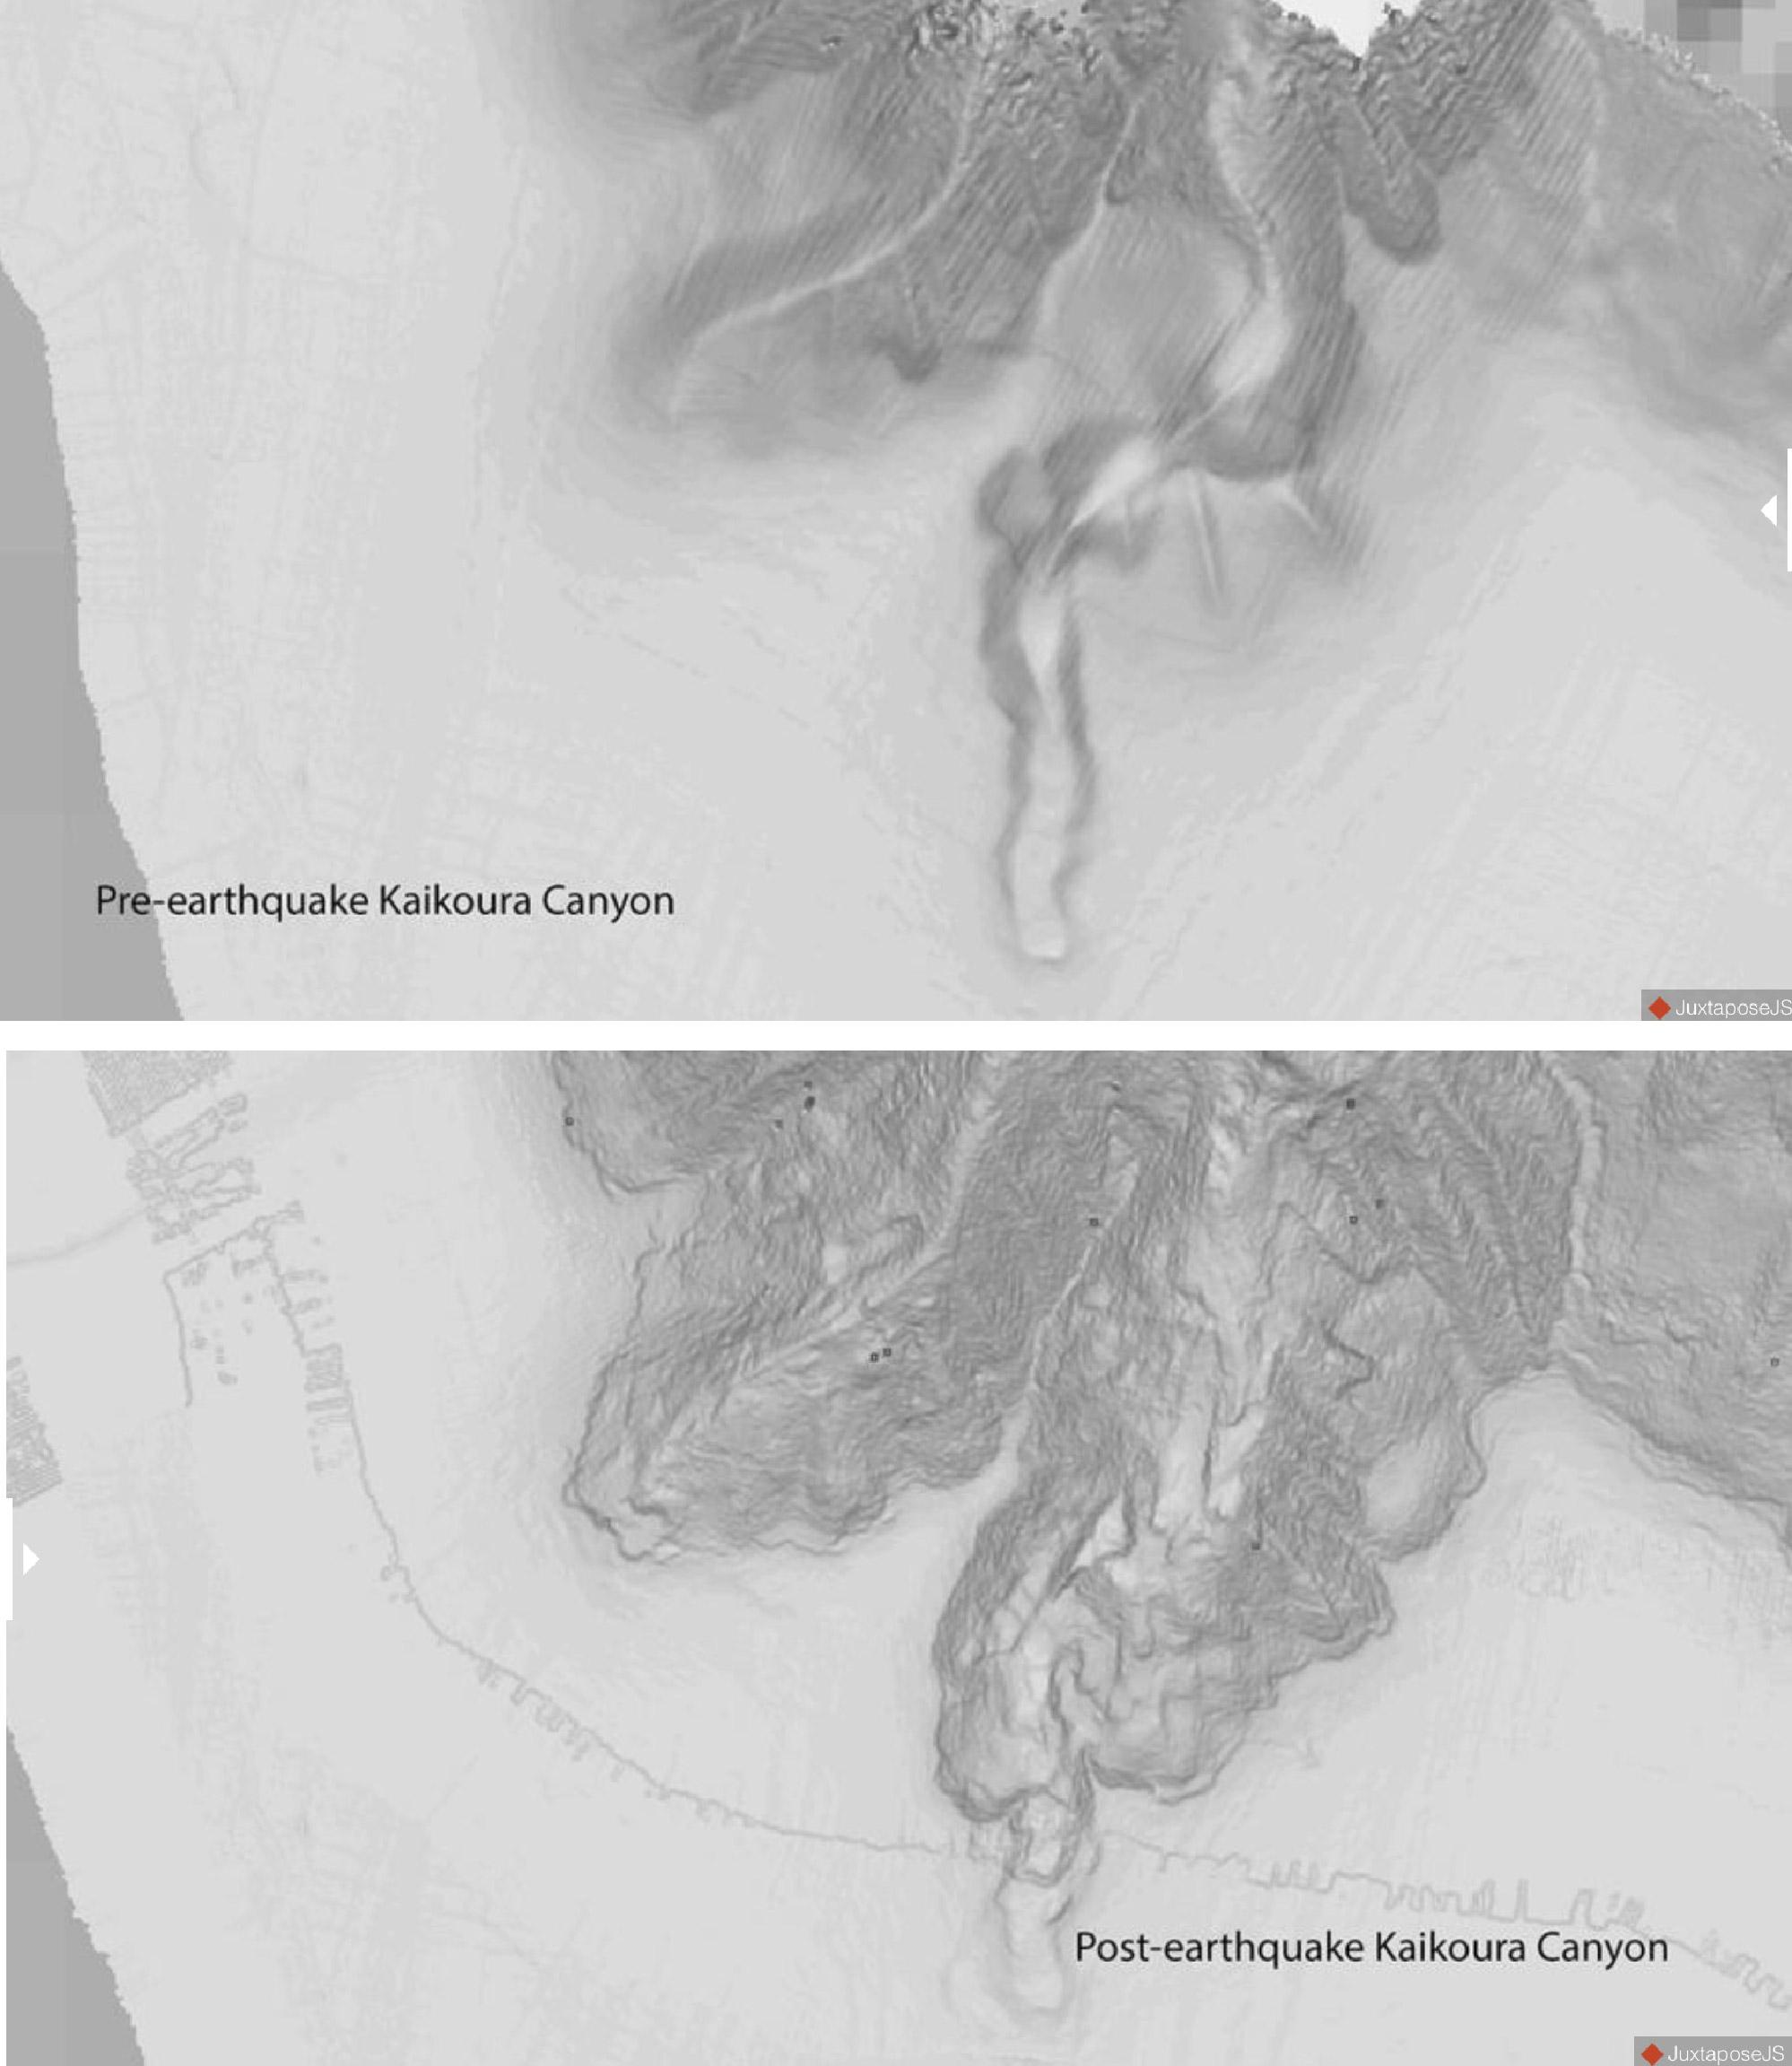 kaikoura-canyon-post-earthquake-kaikoura-earthquake